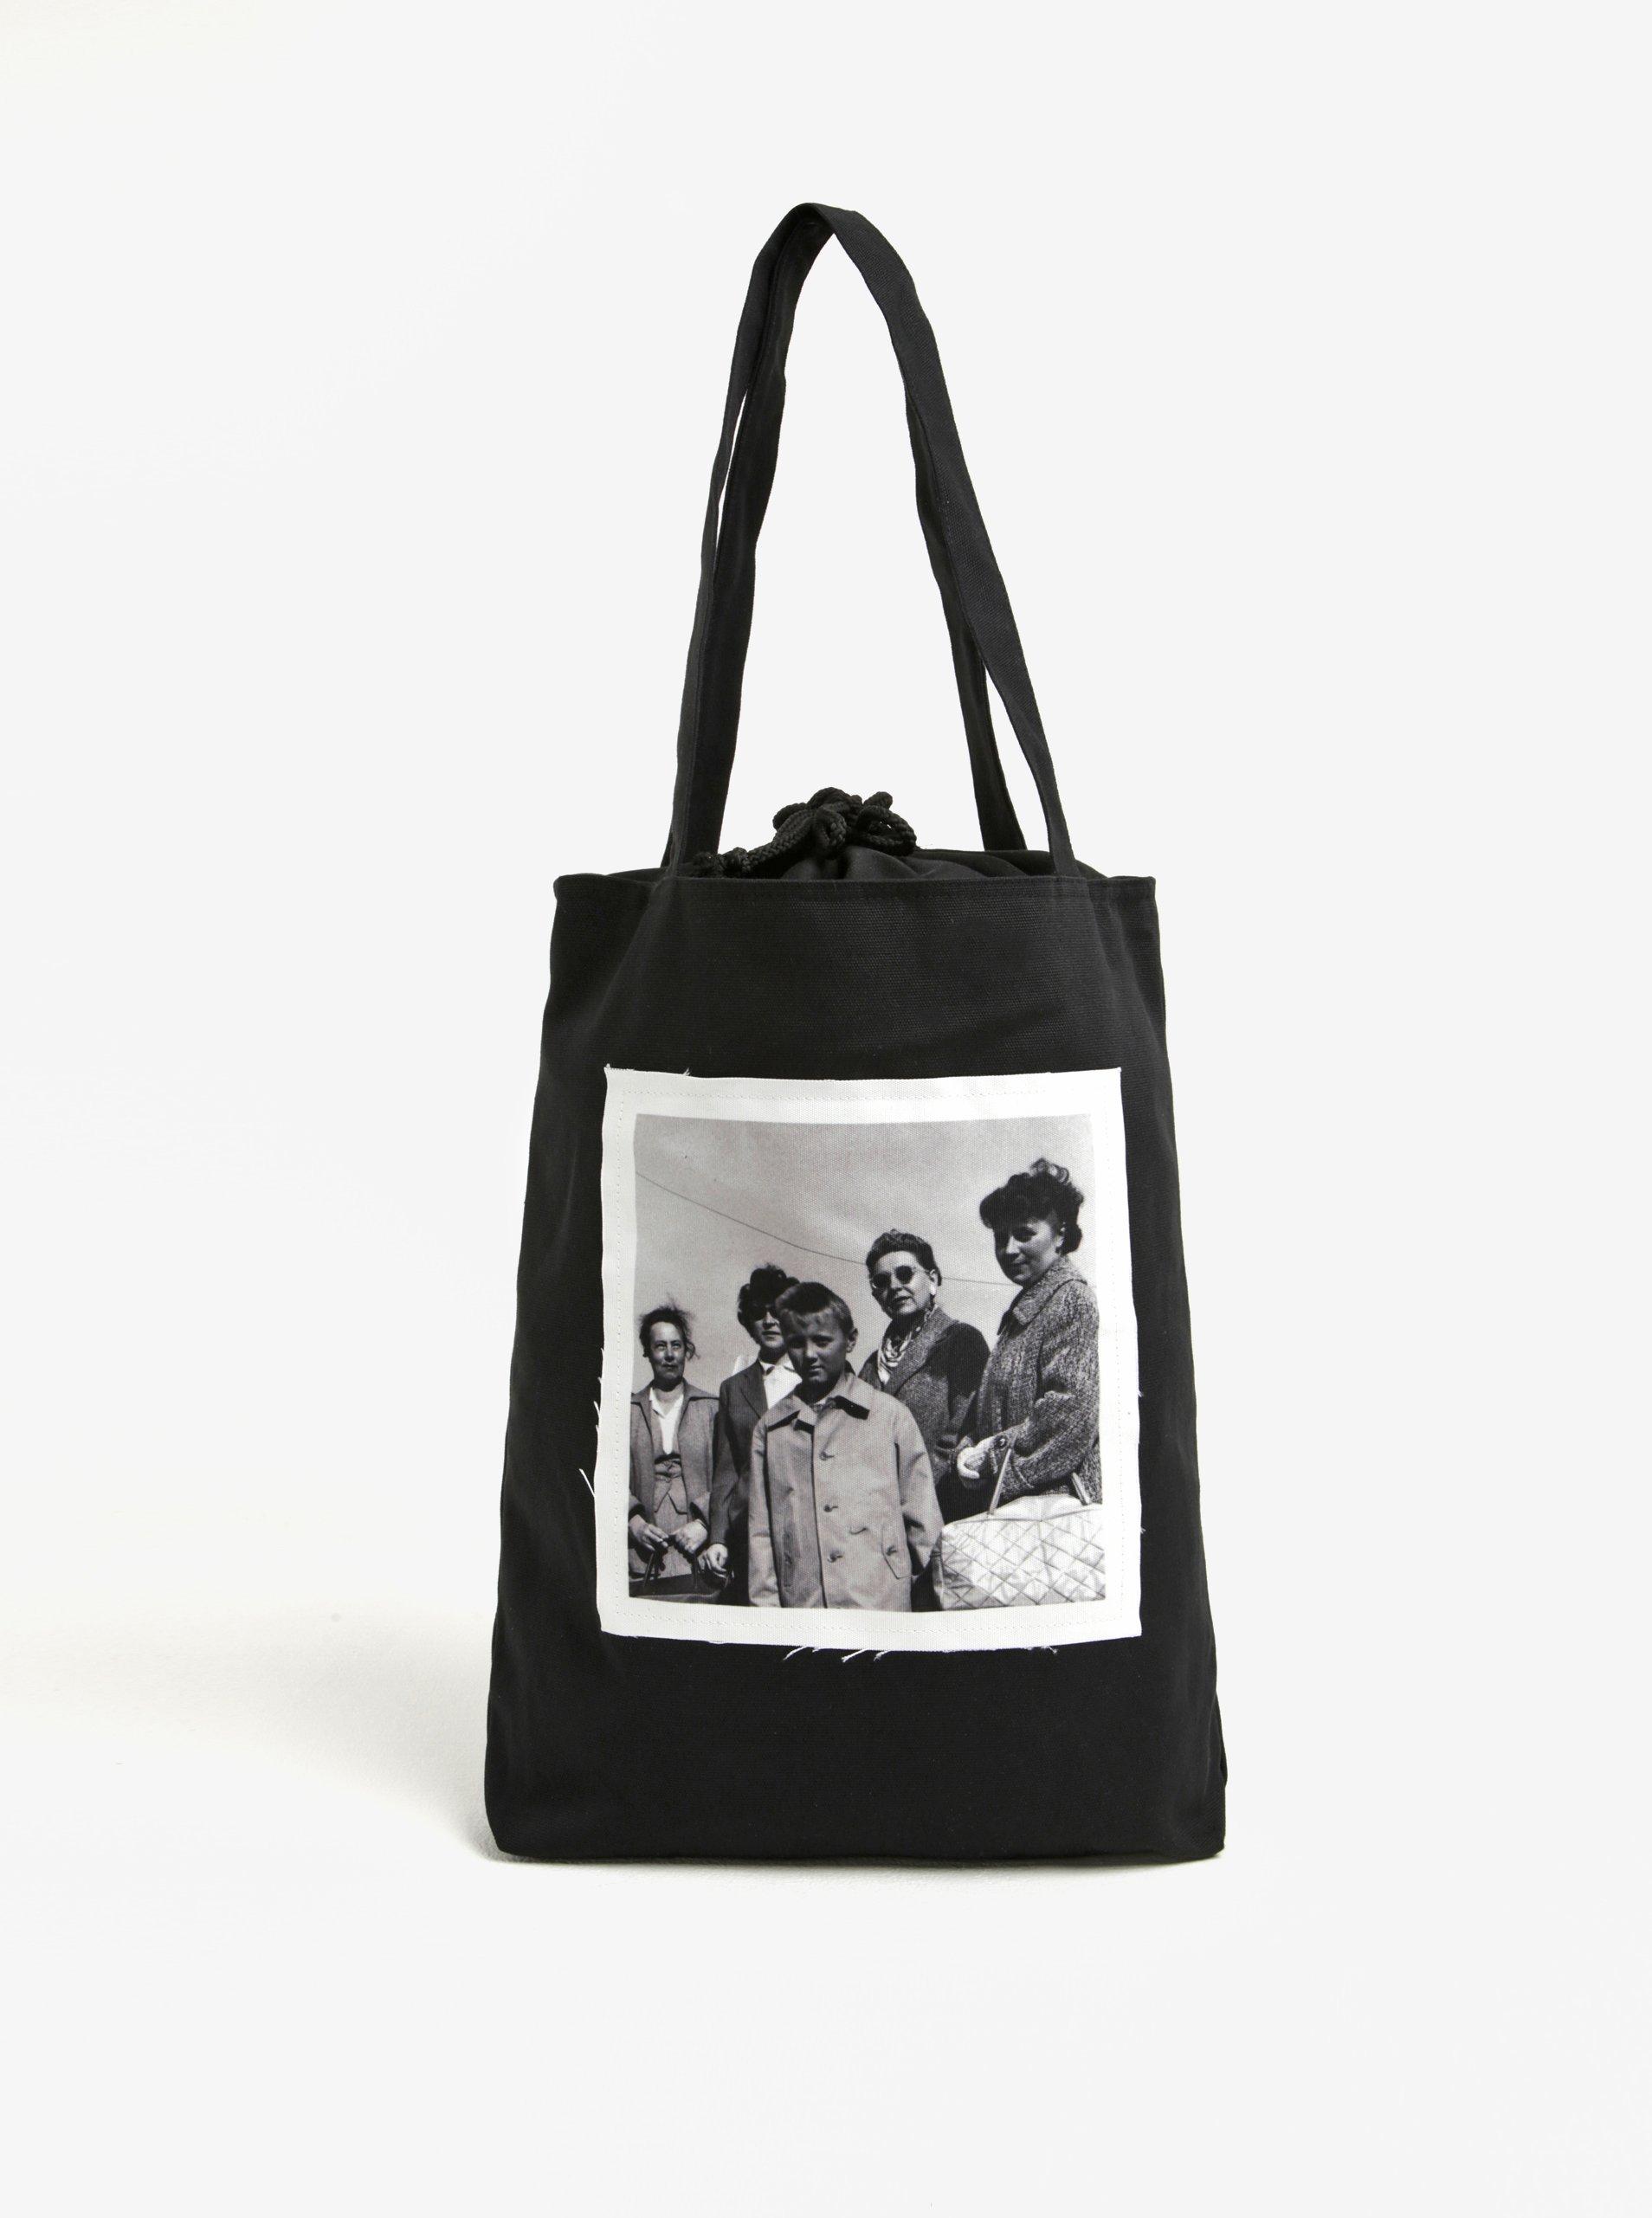 Černá plátěná taška s nášivkou retro lidí La femme MiMi Teta Věra no.4